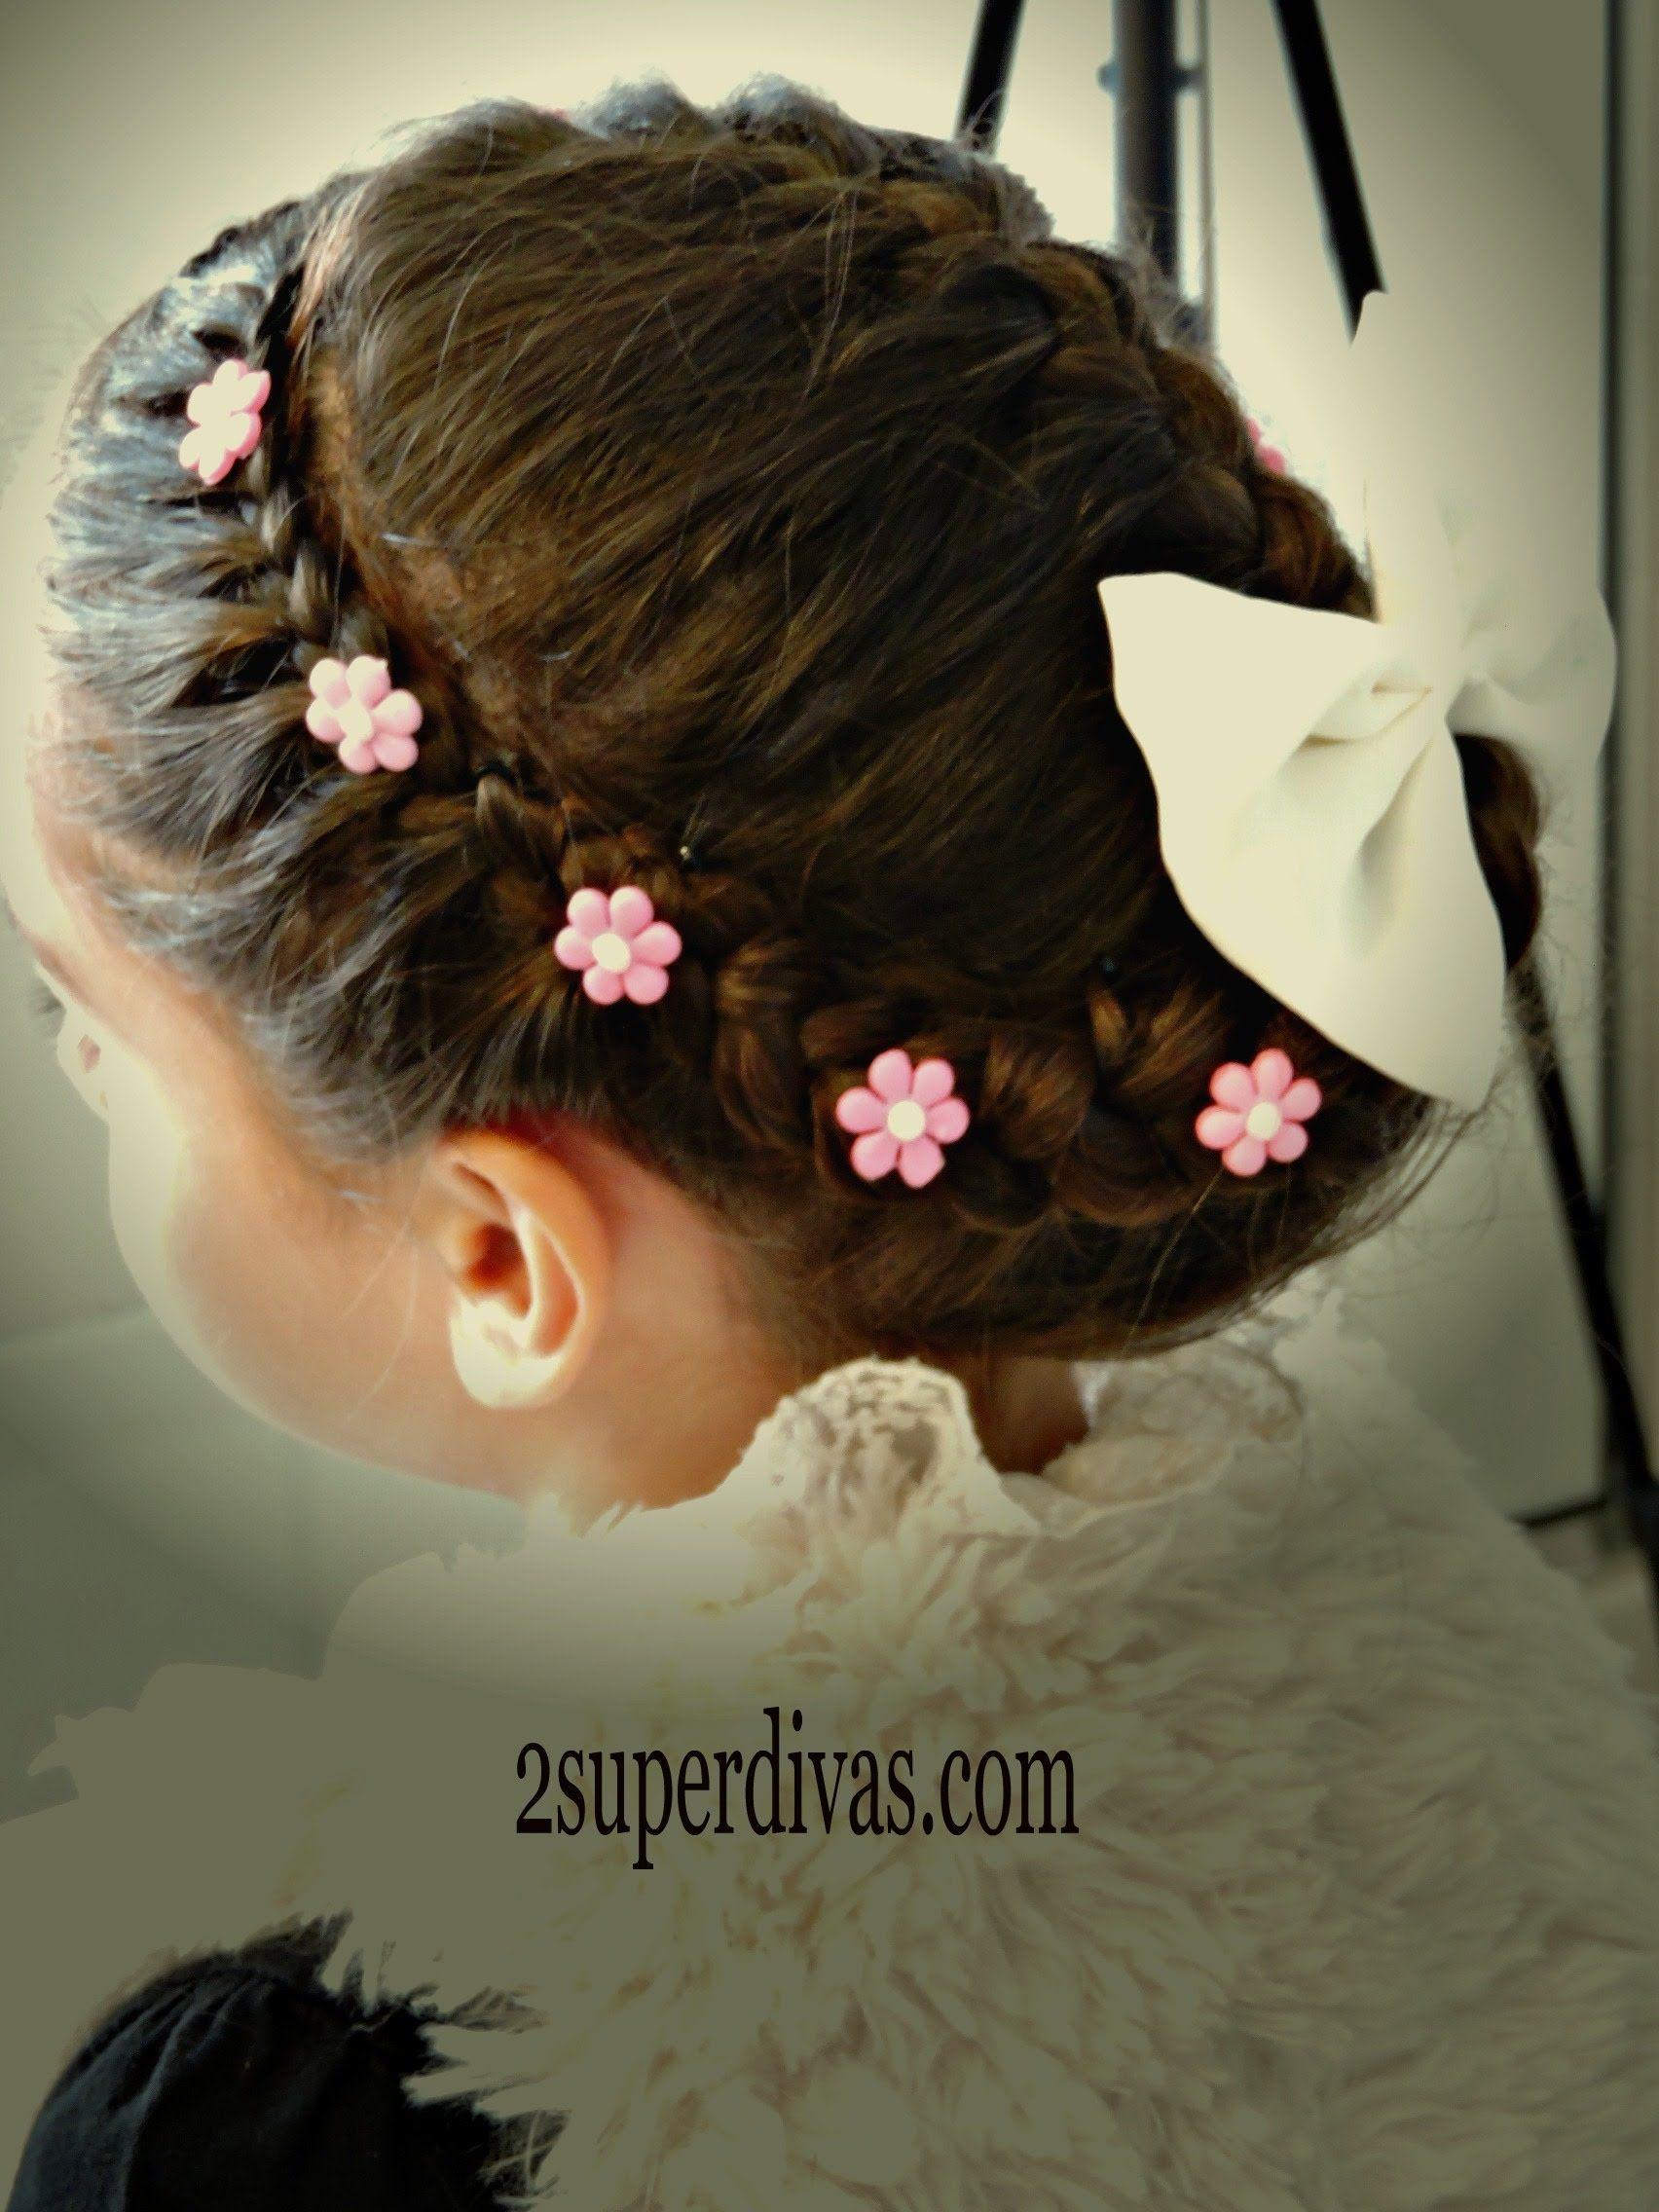 18 Peinados para nina bautizo con corona